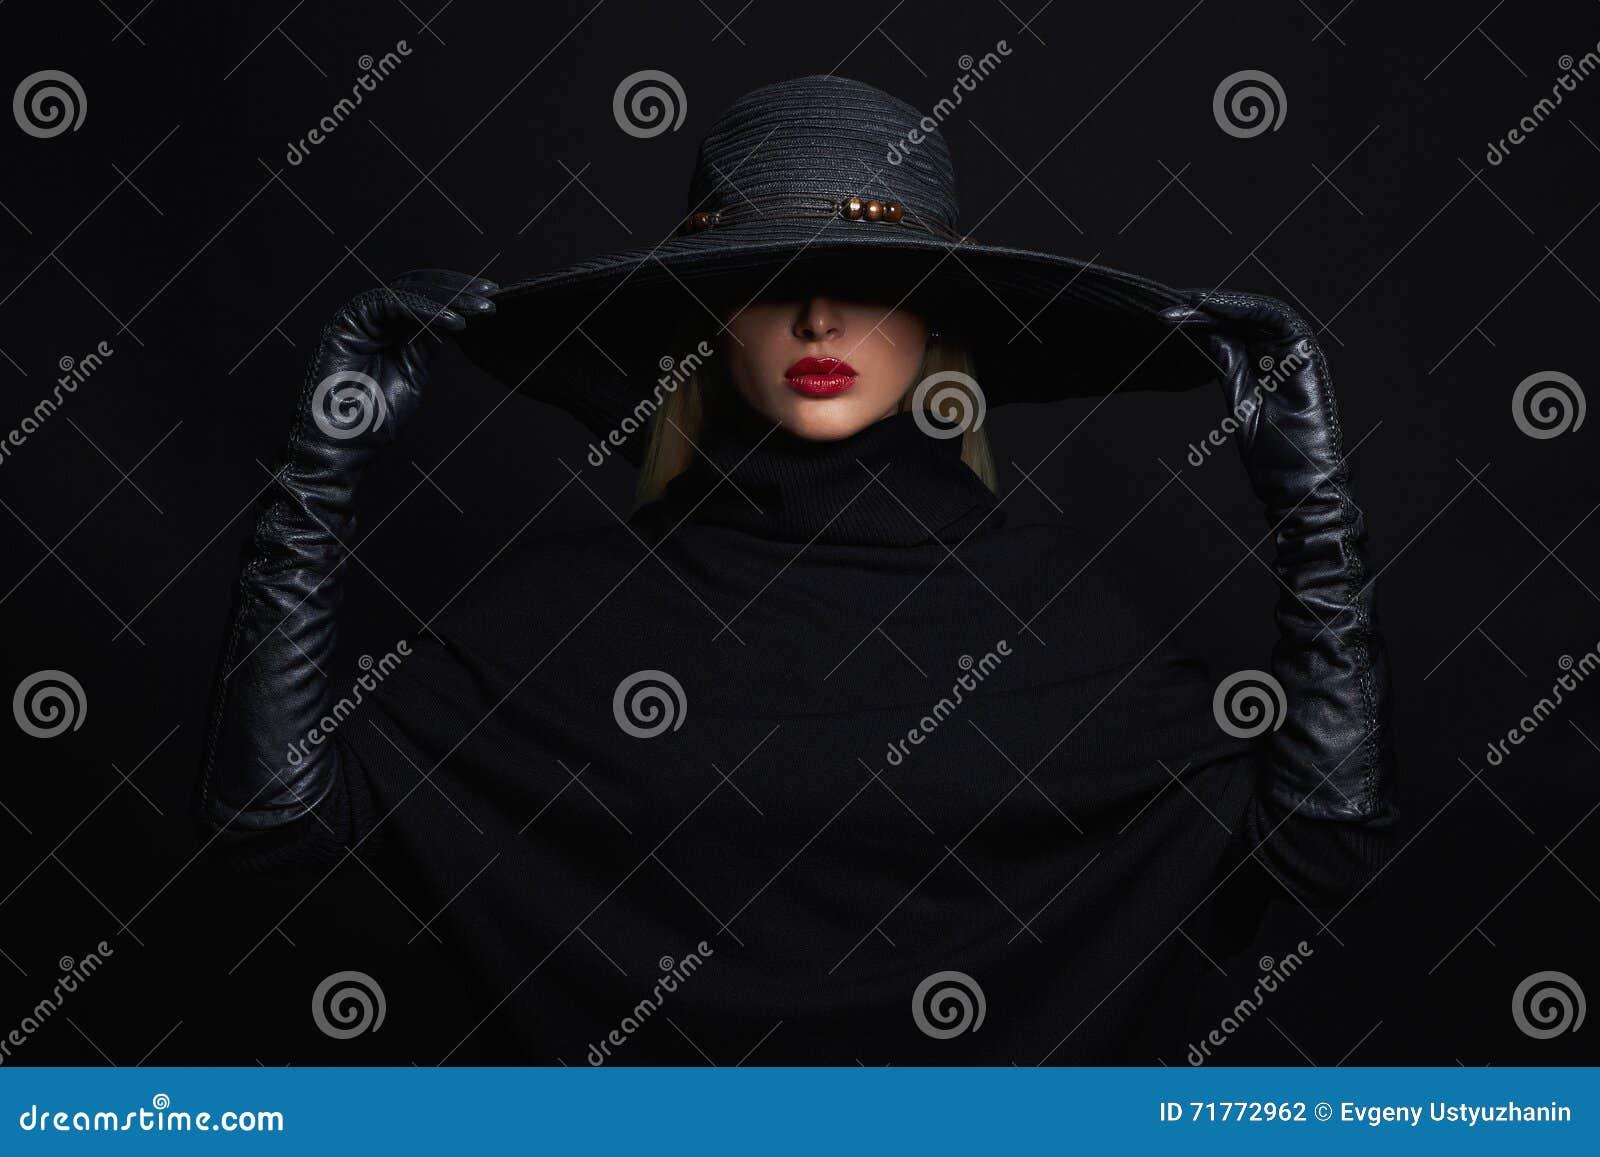 Красивая женщина в шляпе и кожаных перчатках иллюстрации halloween штольни мои пожалуйста см